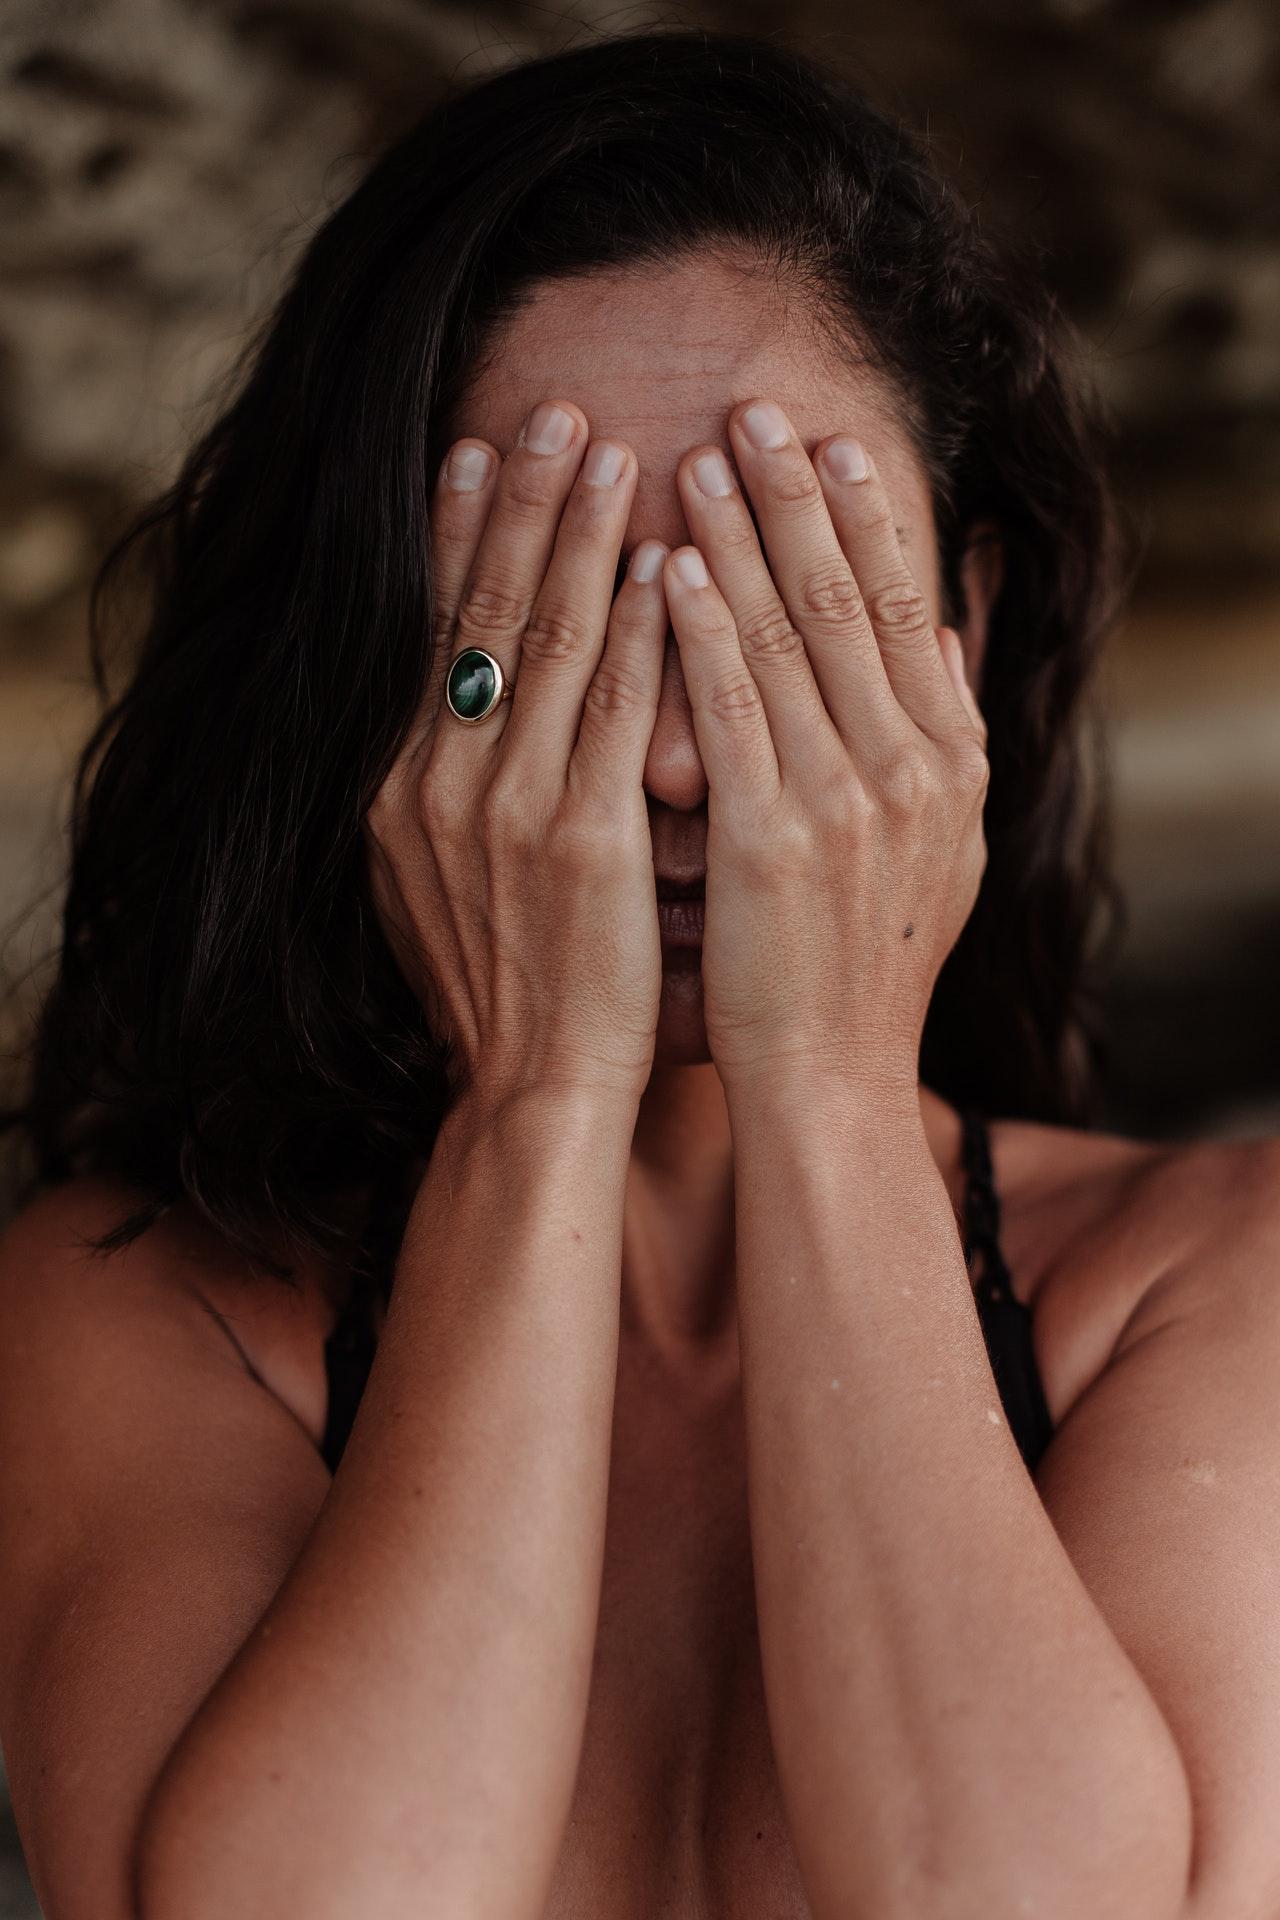 心理测试:你觉得哪个人最伤心?测你是不是一个烂好人